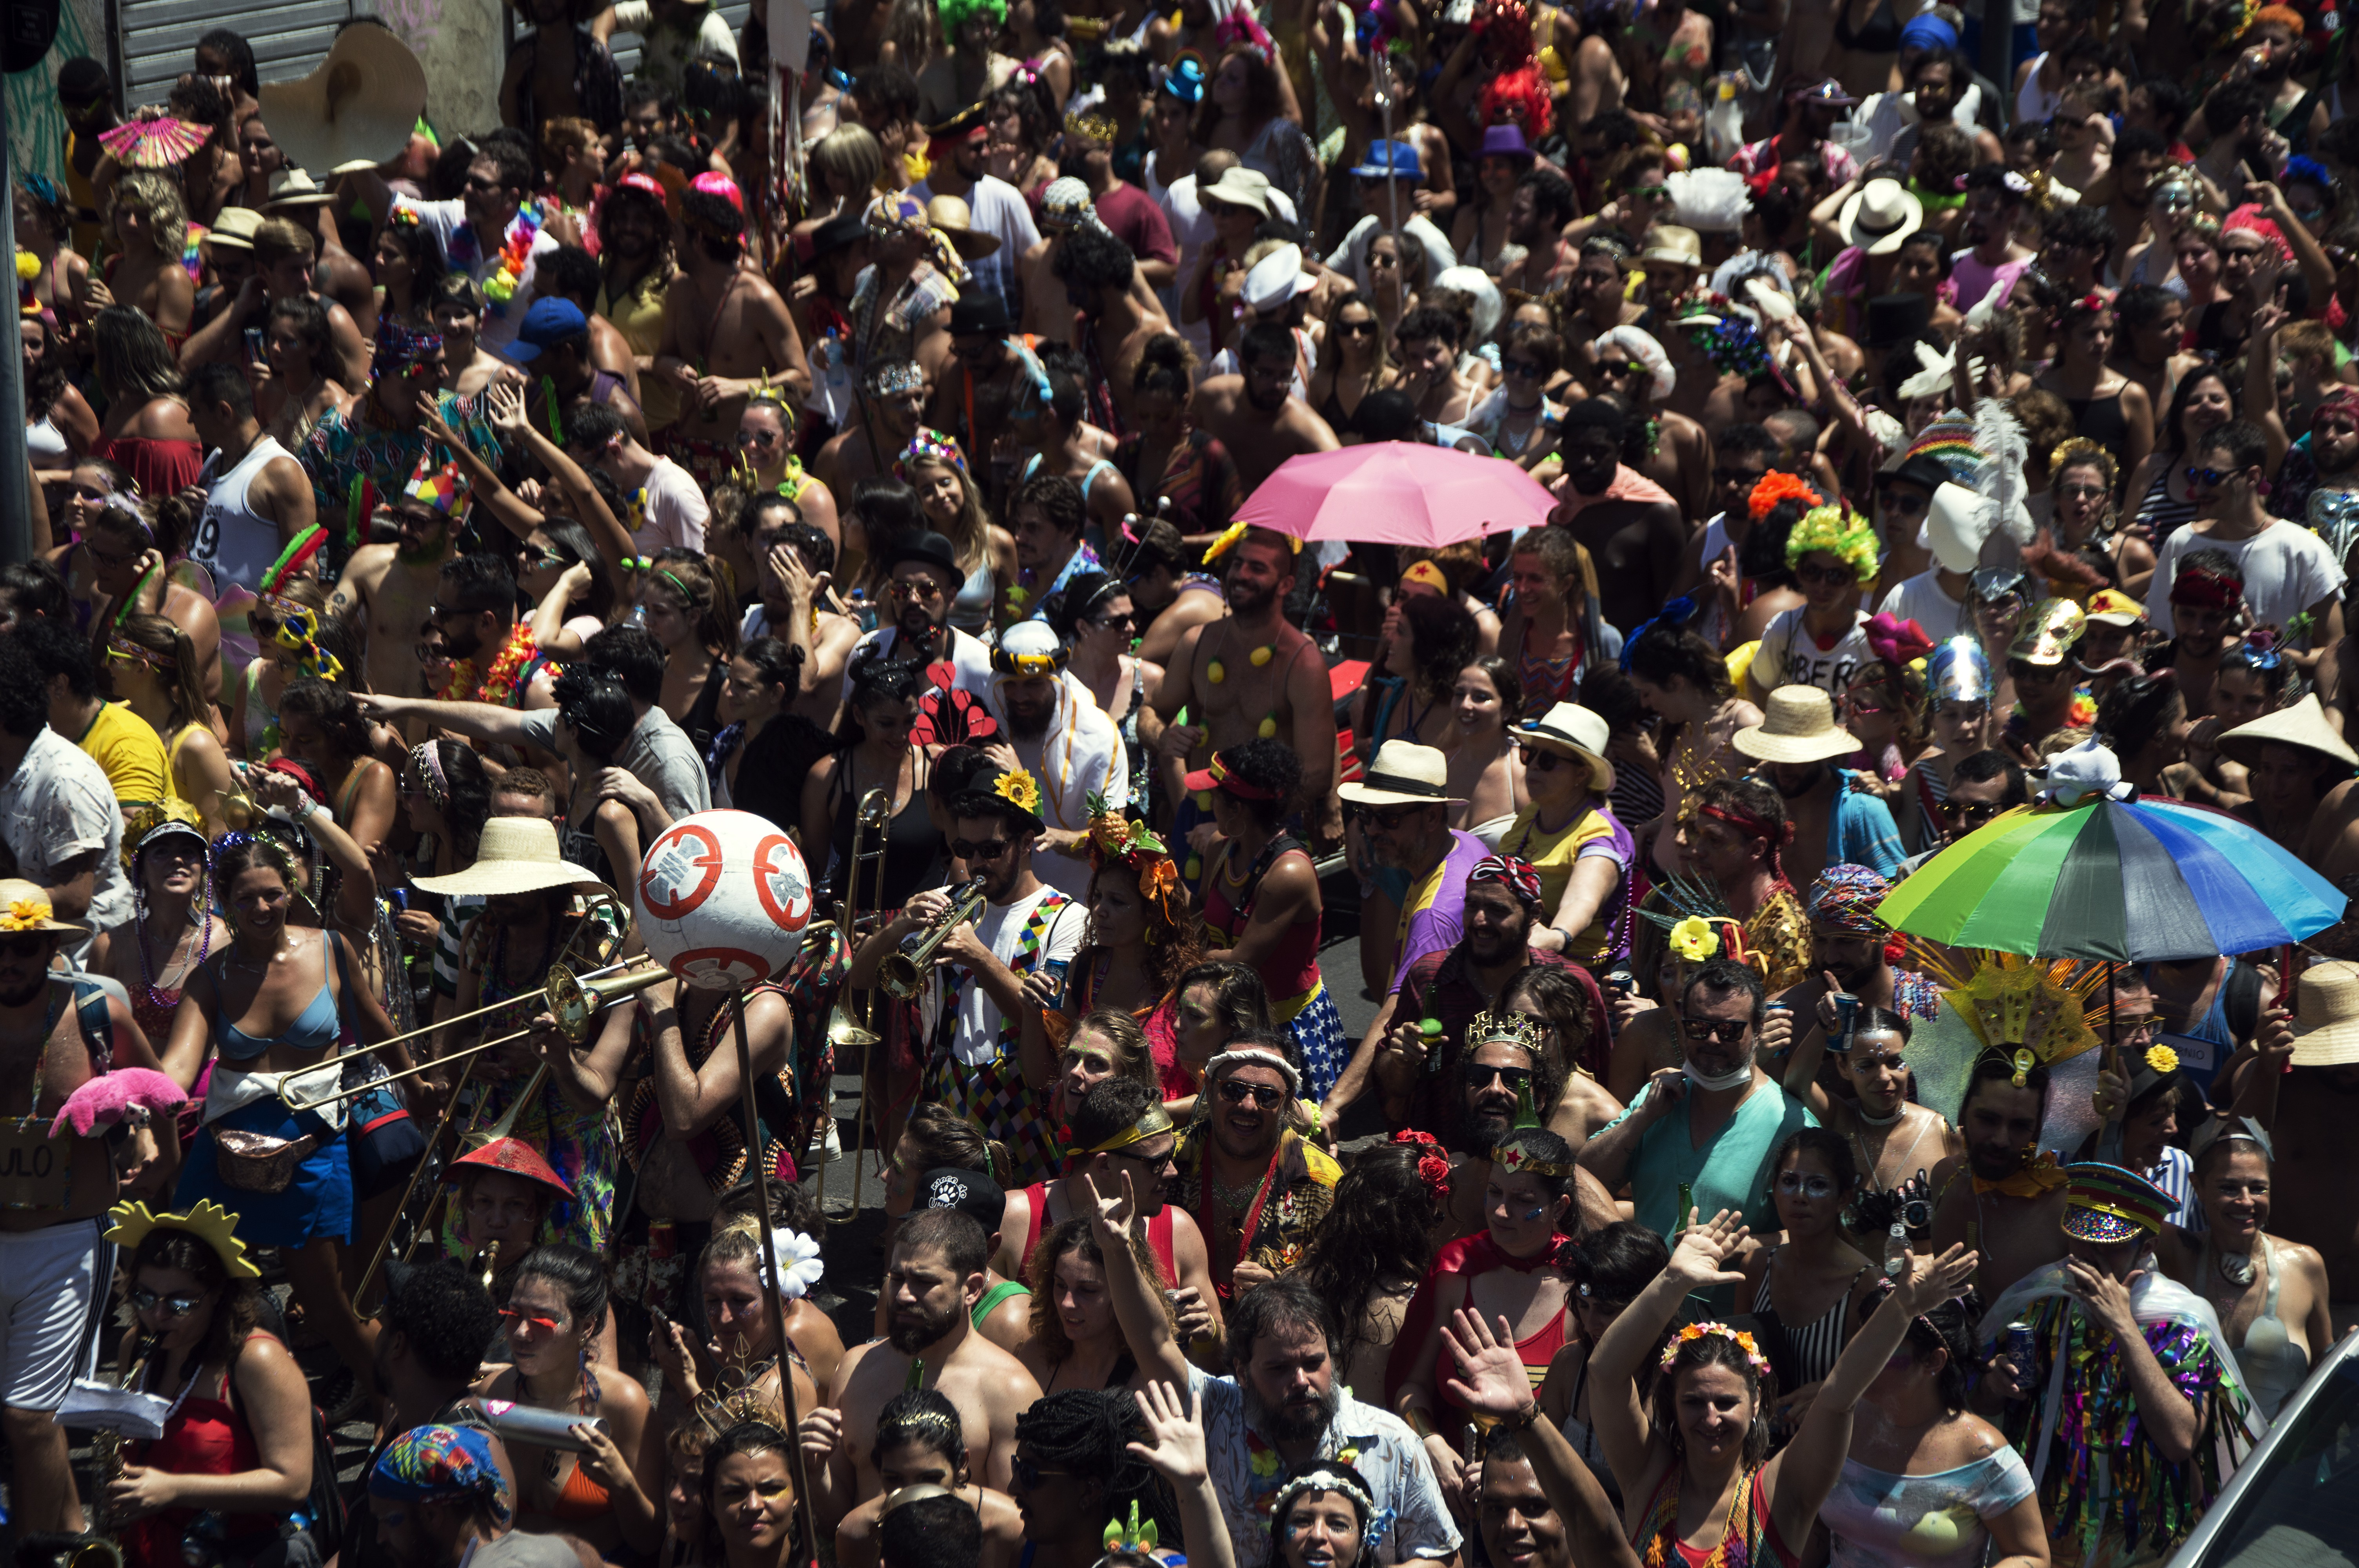 Cortejo do Boi Tolo durante o Carnaval do Rio de Janeiro (Foto: Getty Images / Carlos Fabal)